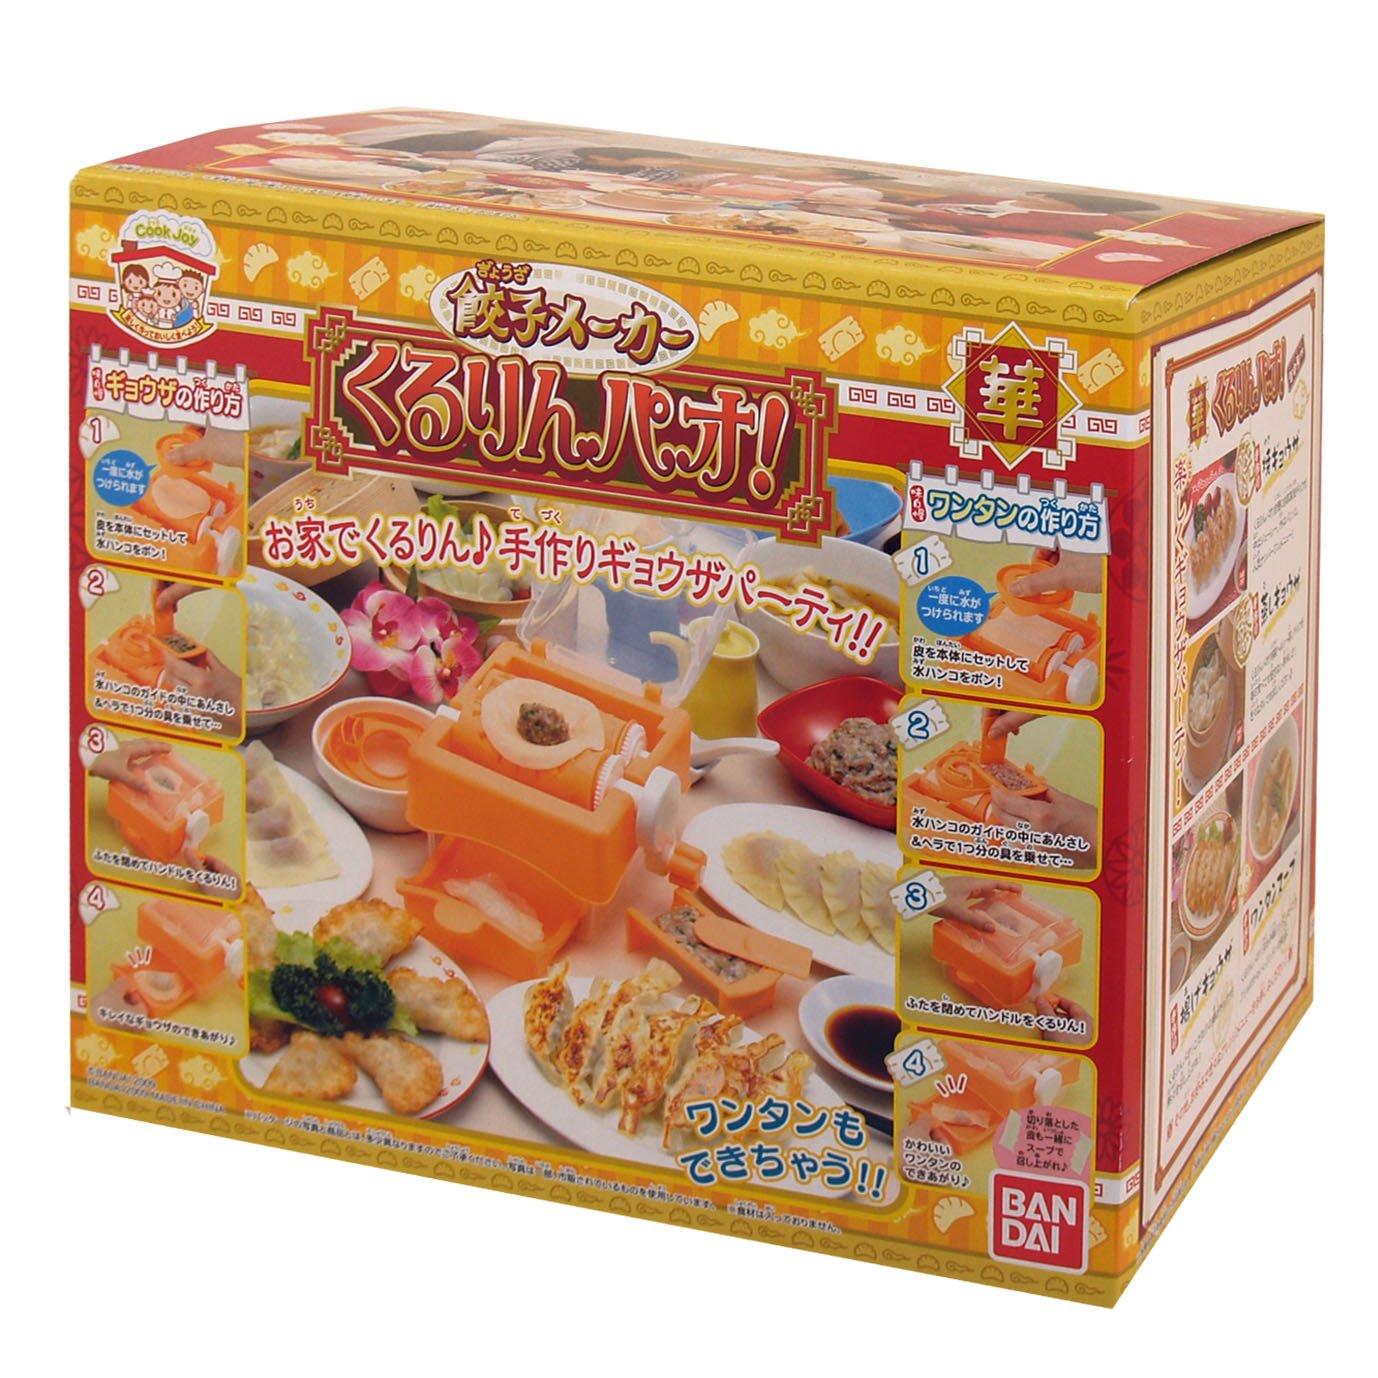 Bandai Gyoza Maker